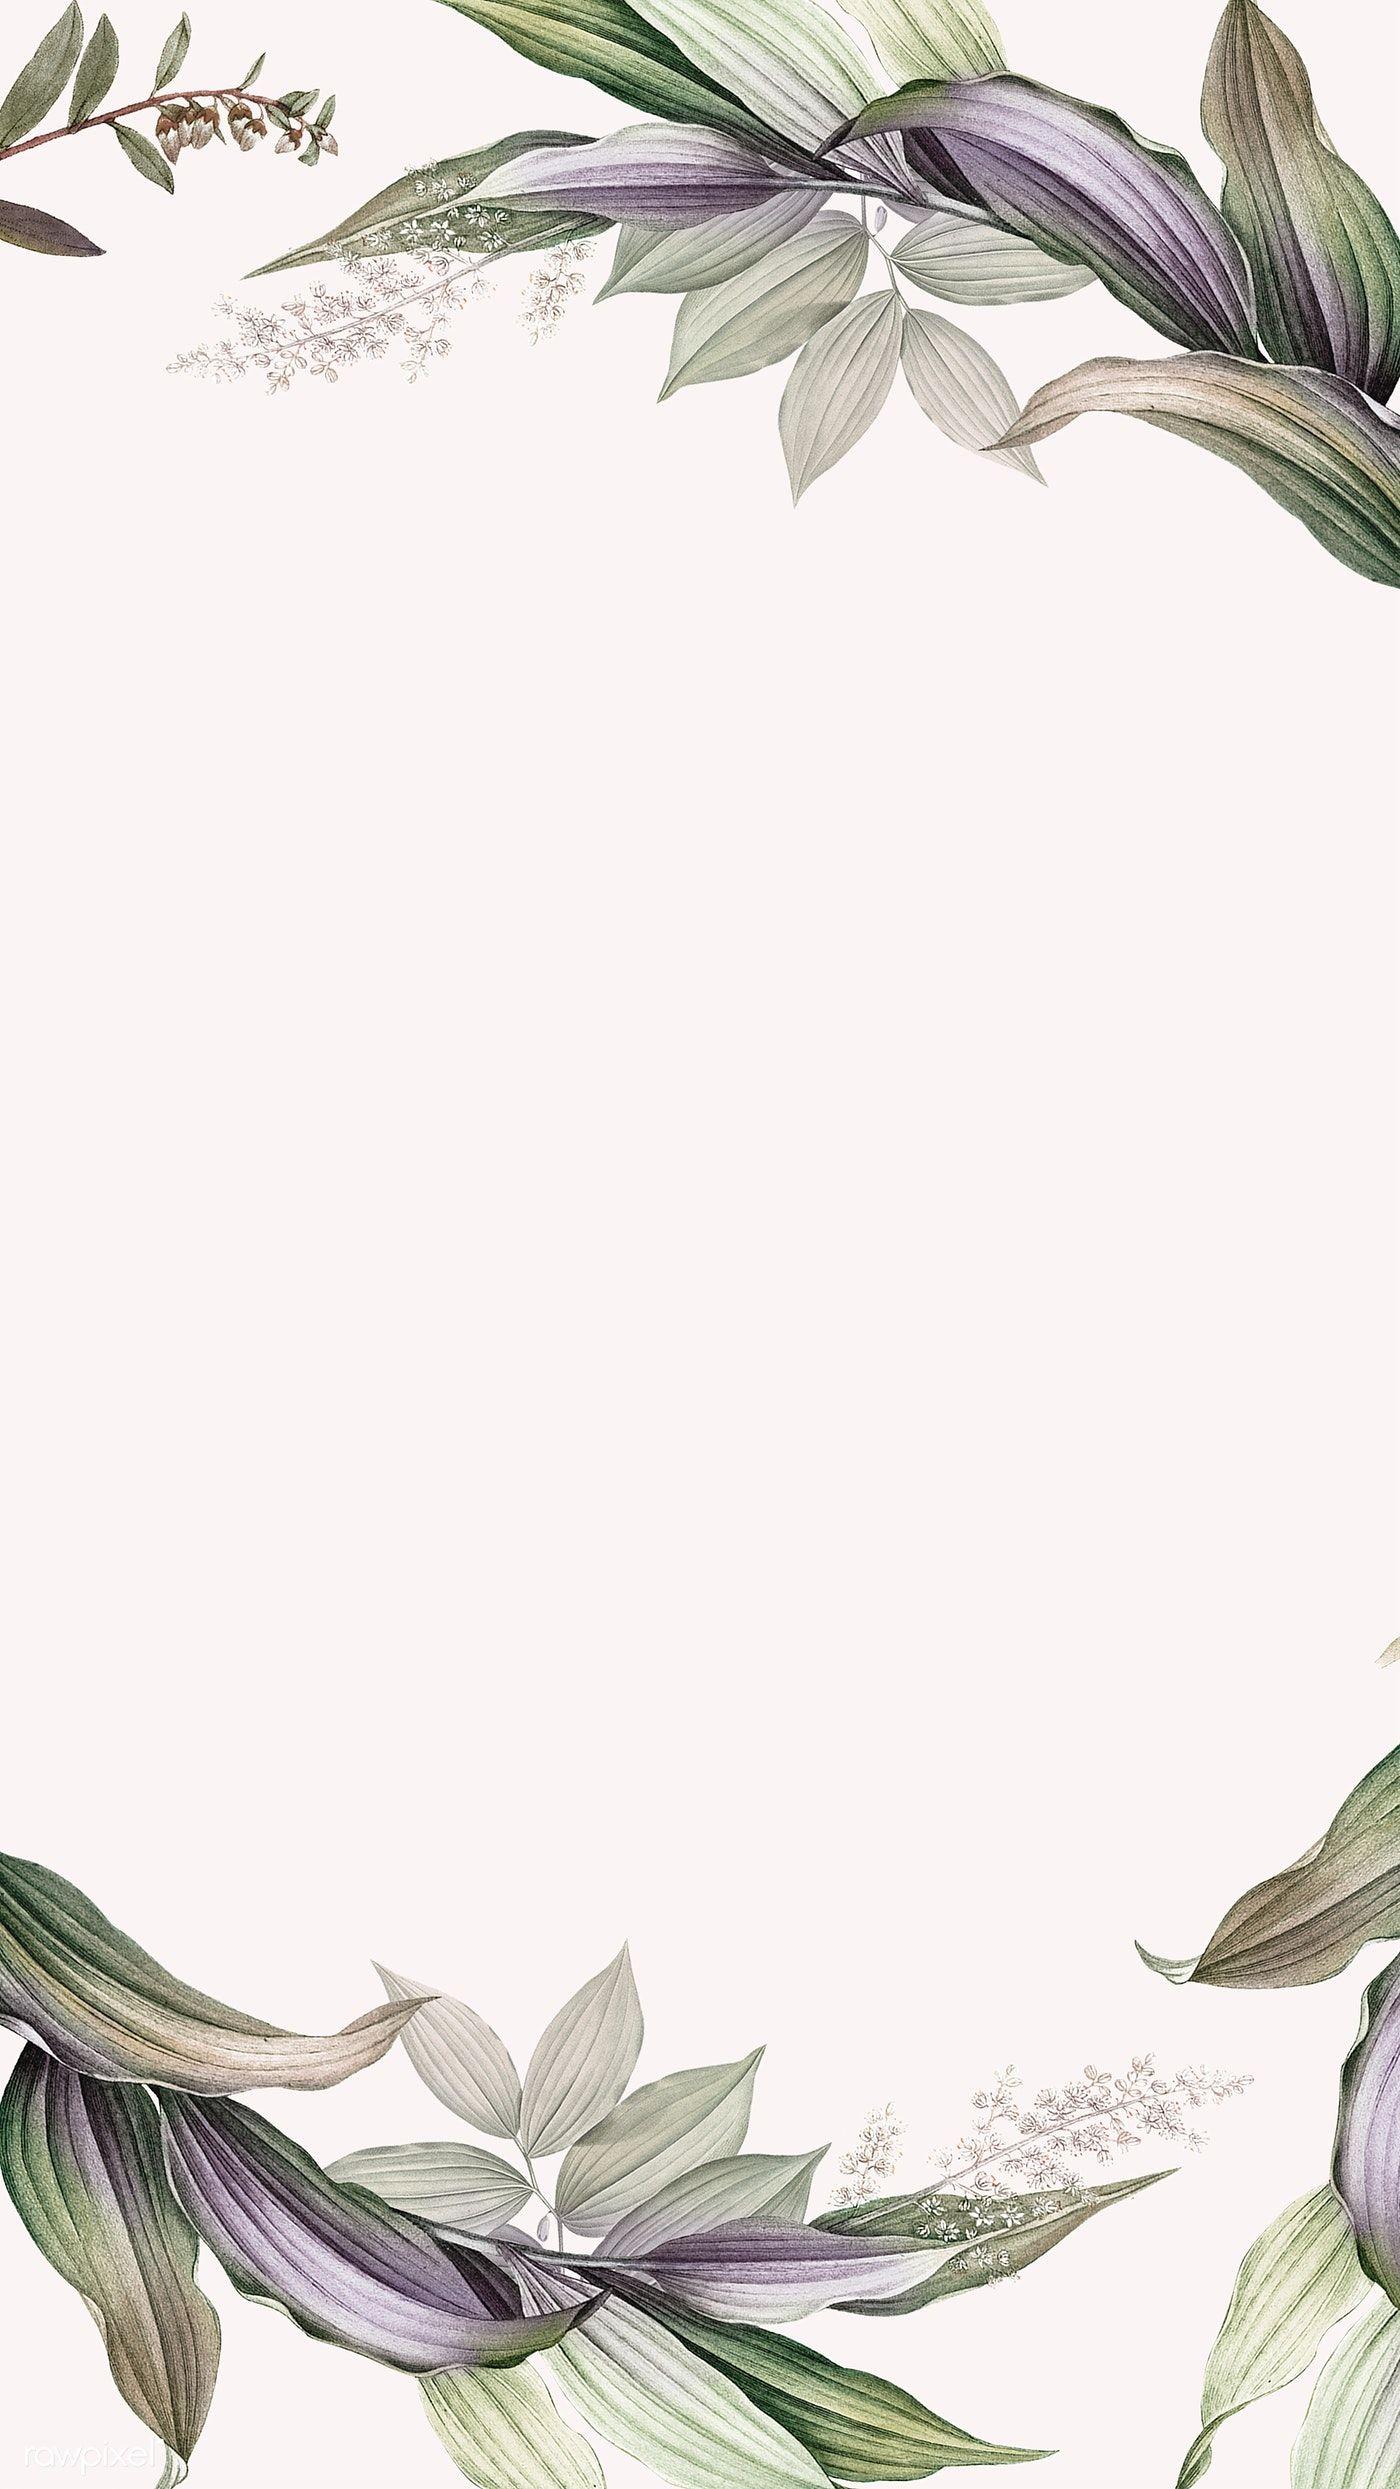 Download premium psd / image of Tropical botanical leaves background illustration by Kul about Tropical botanic leaves background illustration, purple, Leaf pattern frame design illustration, art, and backdrop 599240